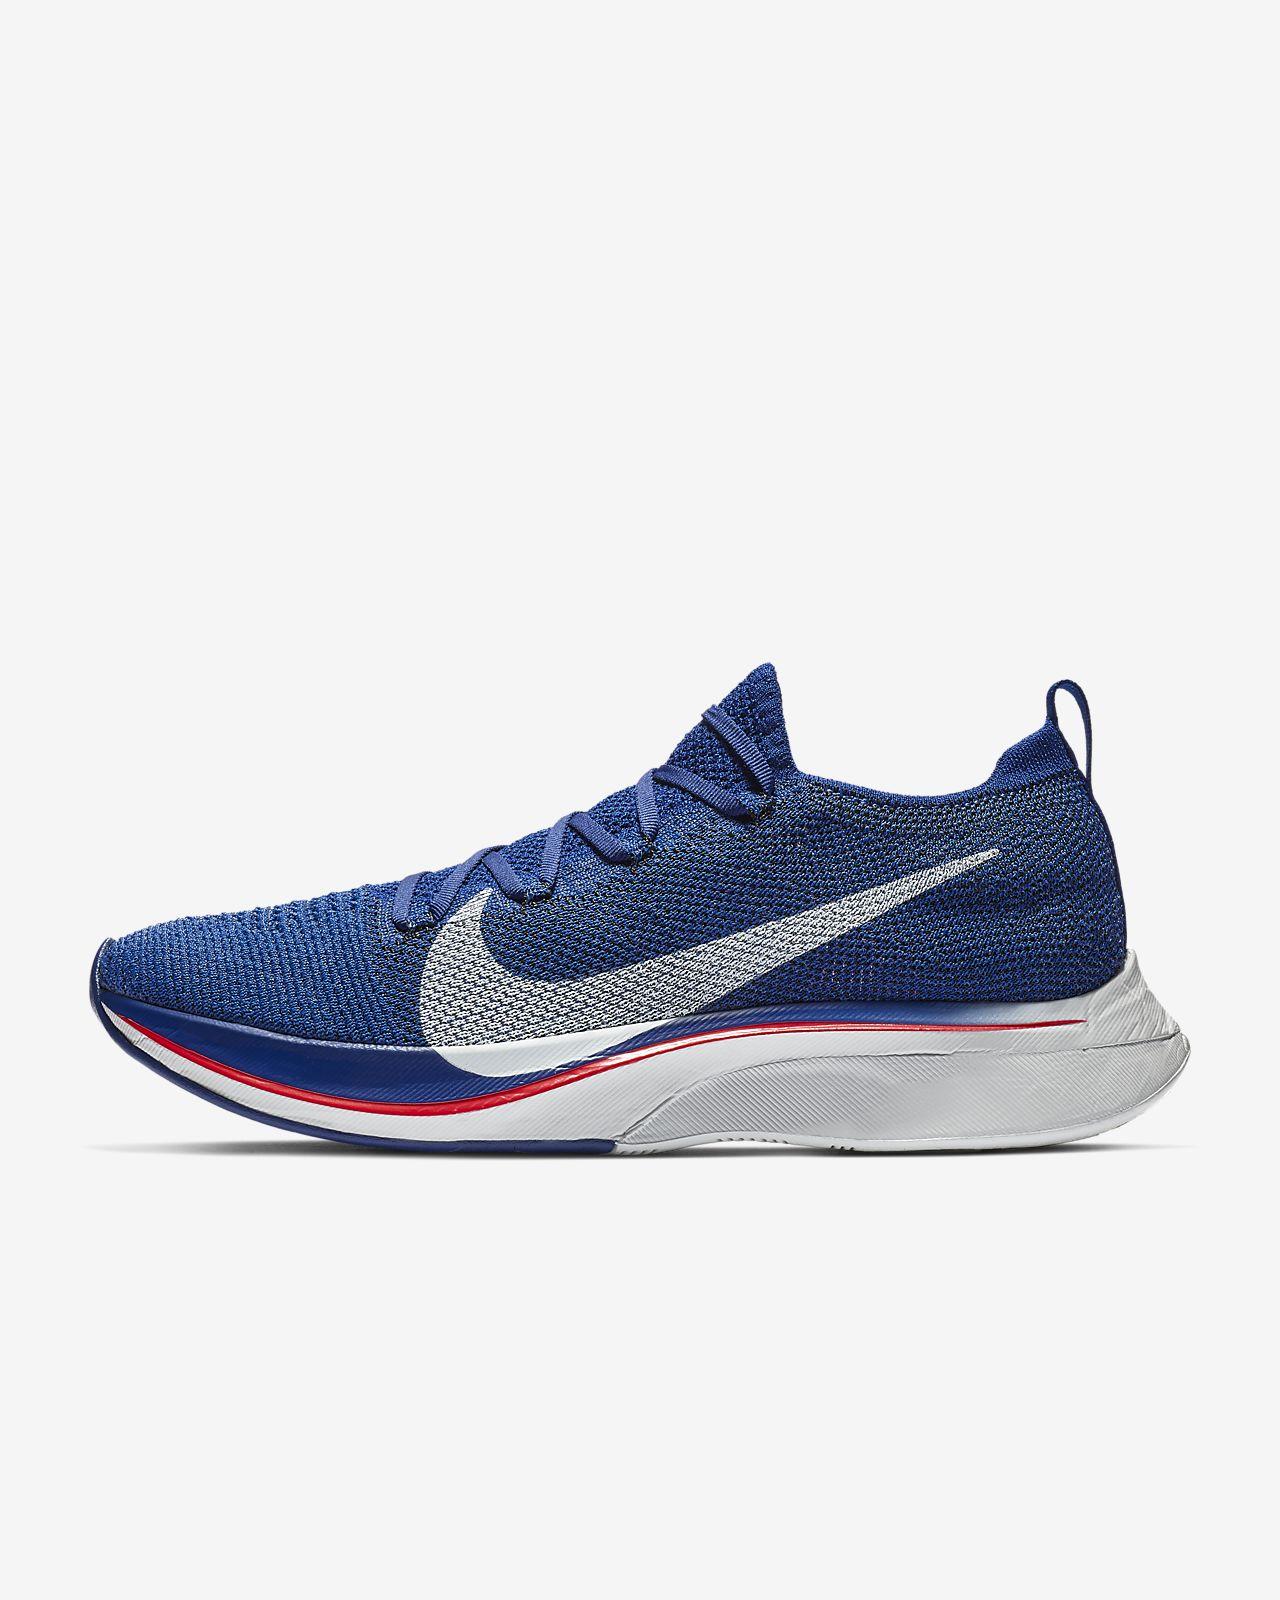 finest selection 00aca 0353d Chaussure de running Nike Vaporfly 4% Flyknit